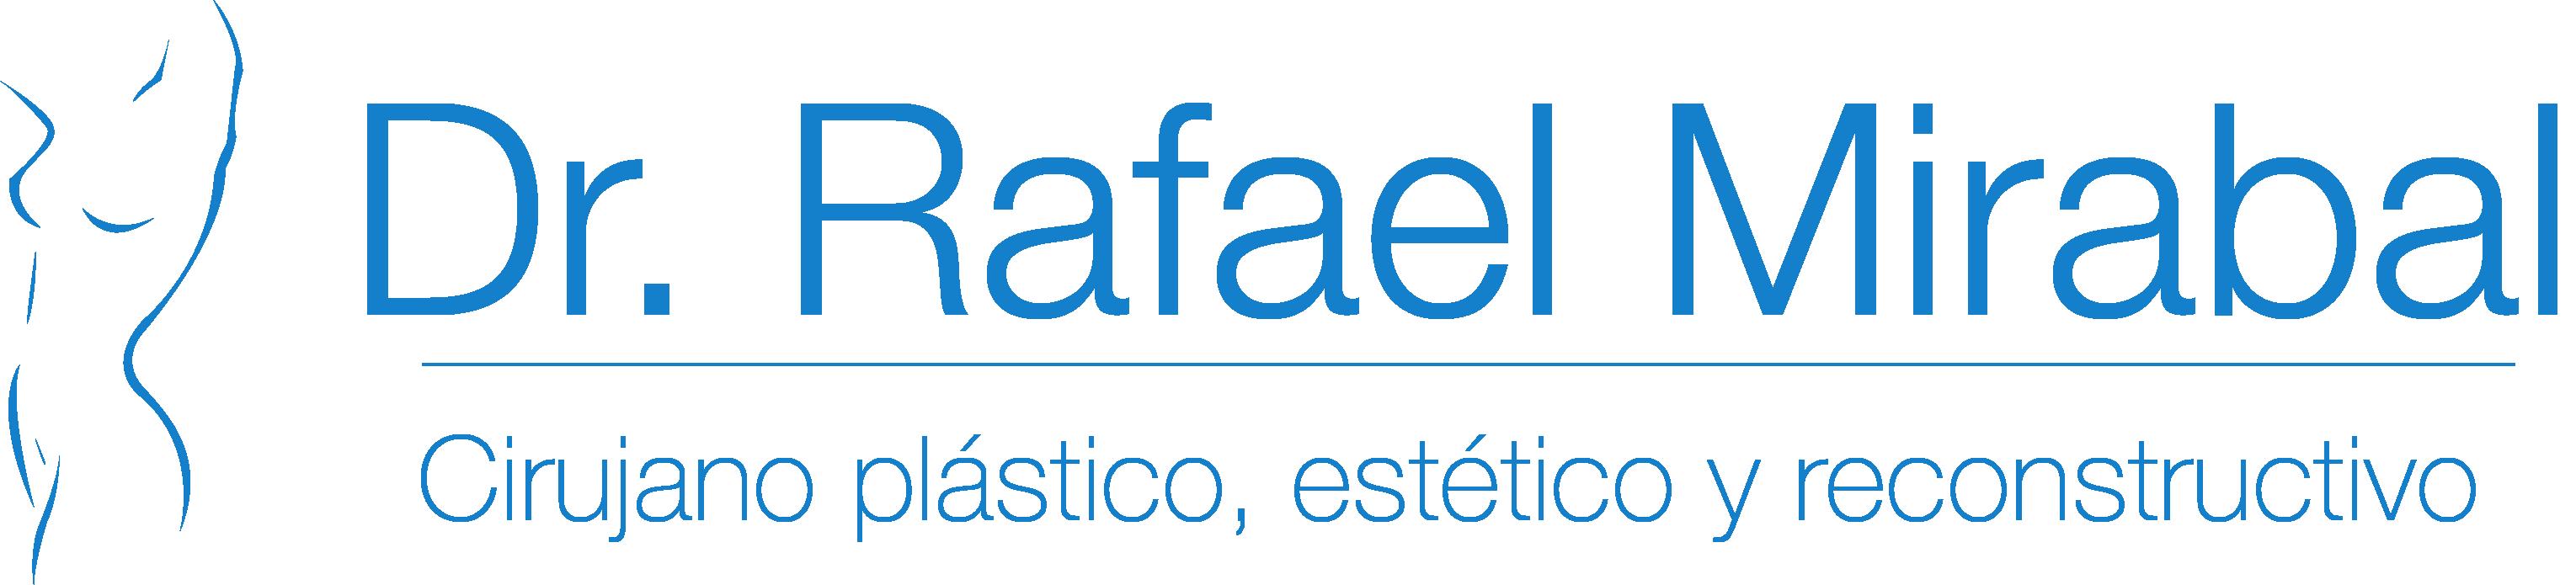 Dr. Rafael Mirabal